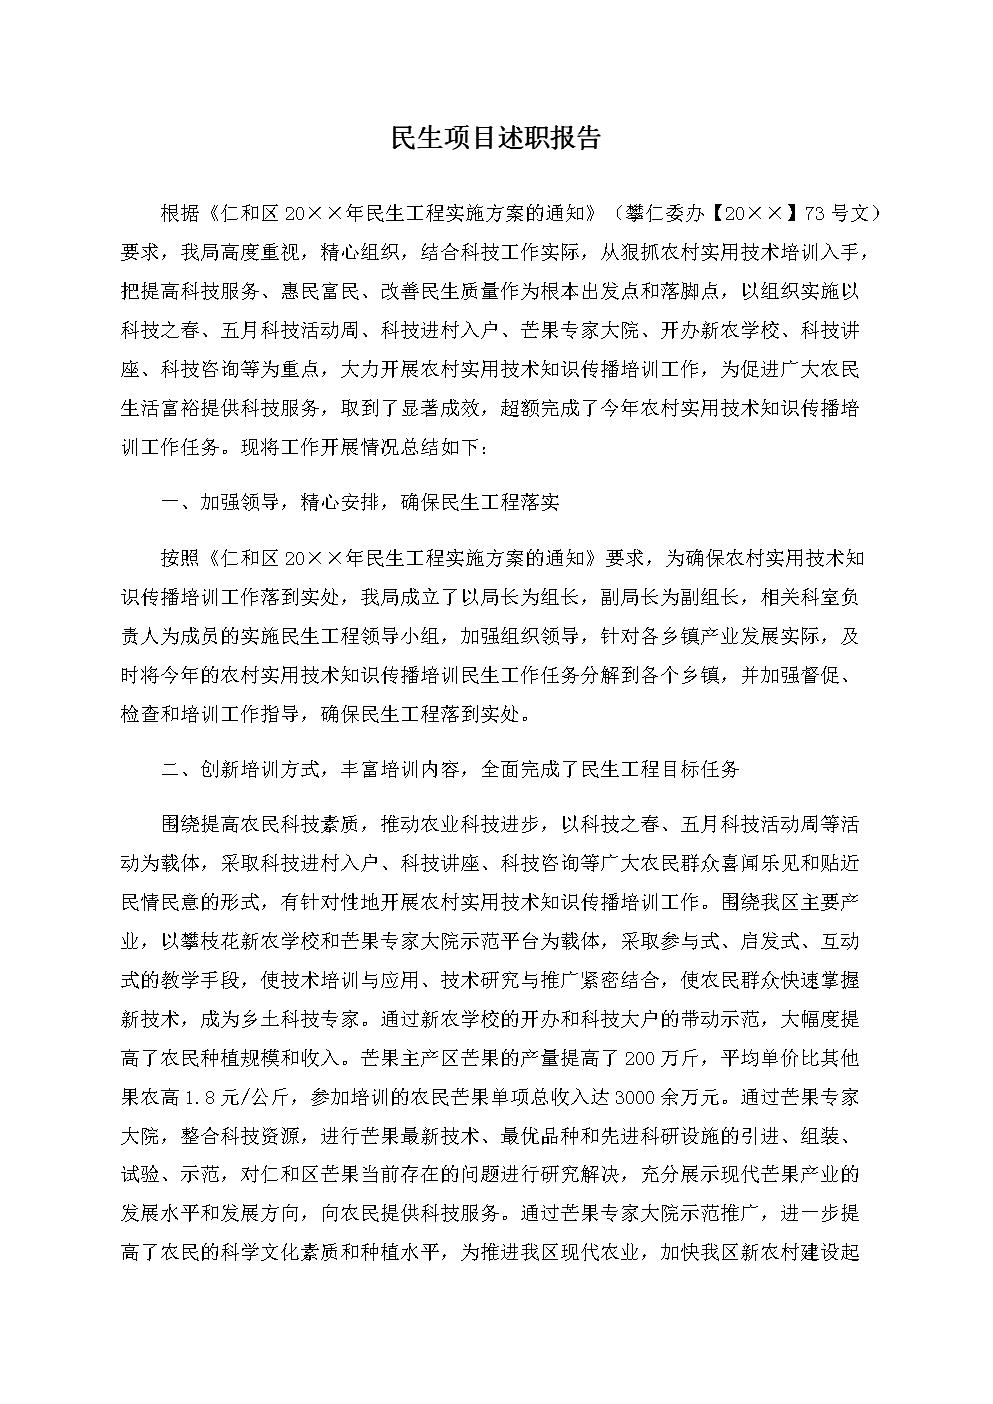 民生项目述职报告.docx